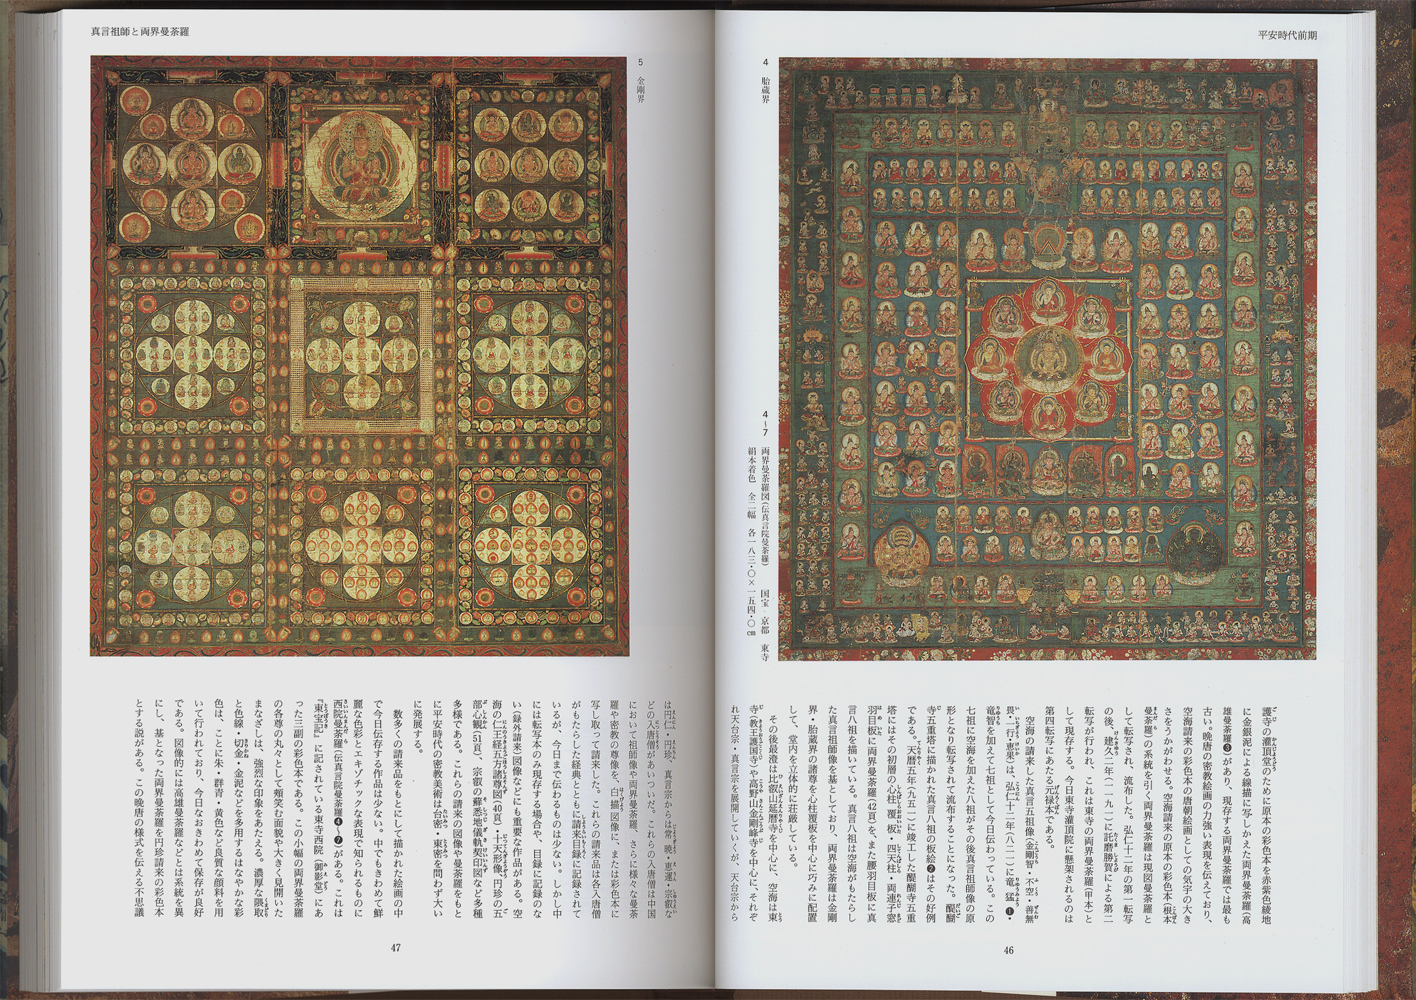 カラー版 日本絵画史図典[image3]